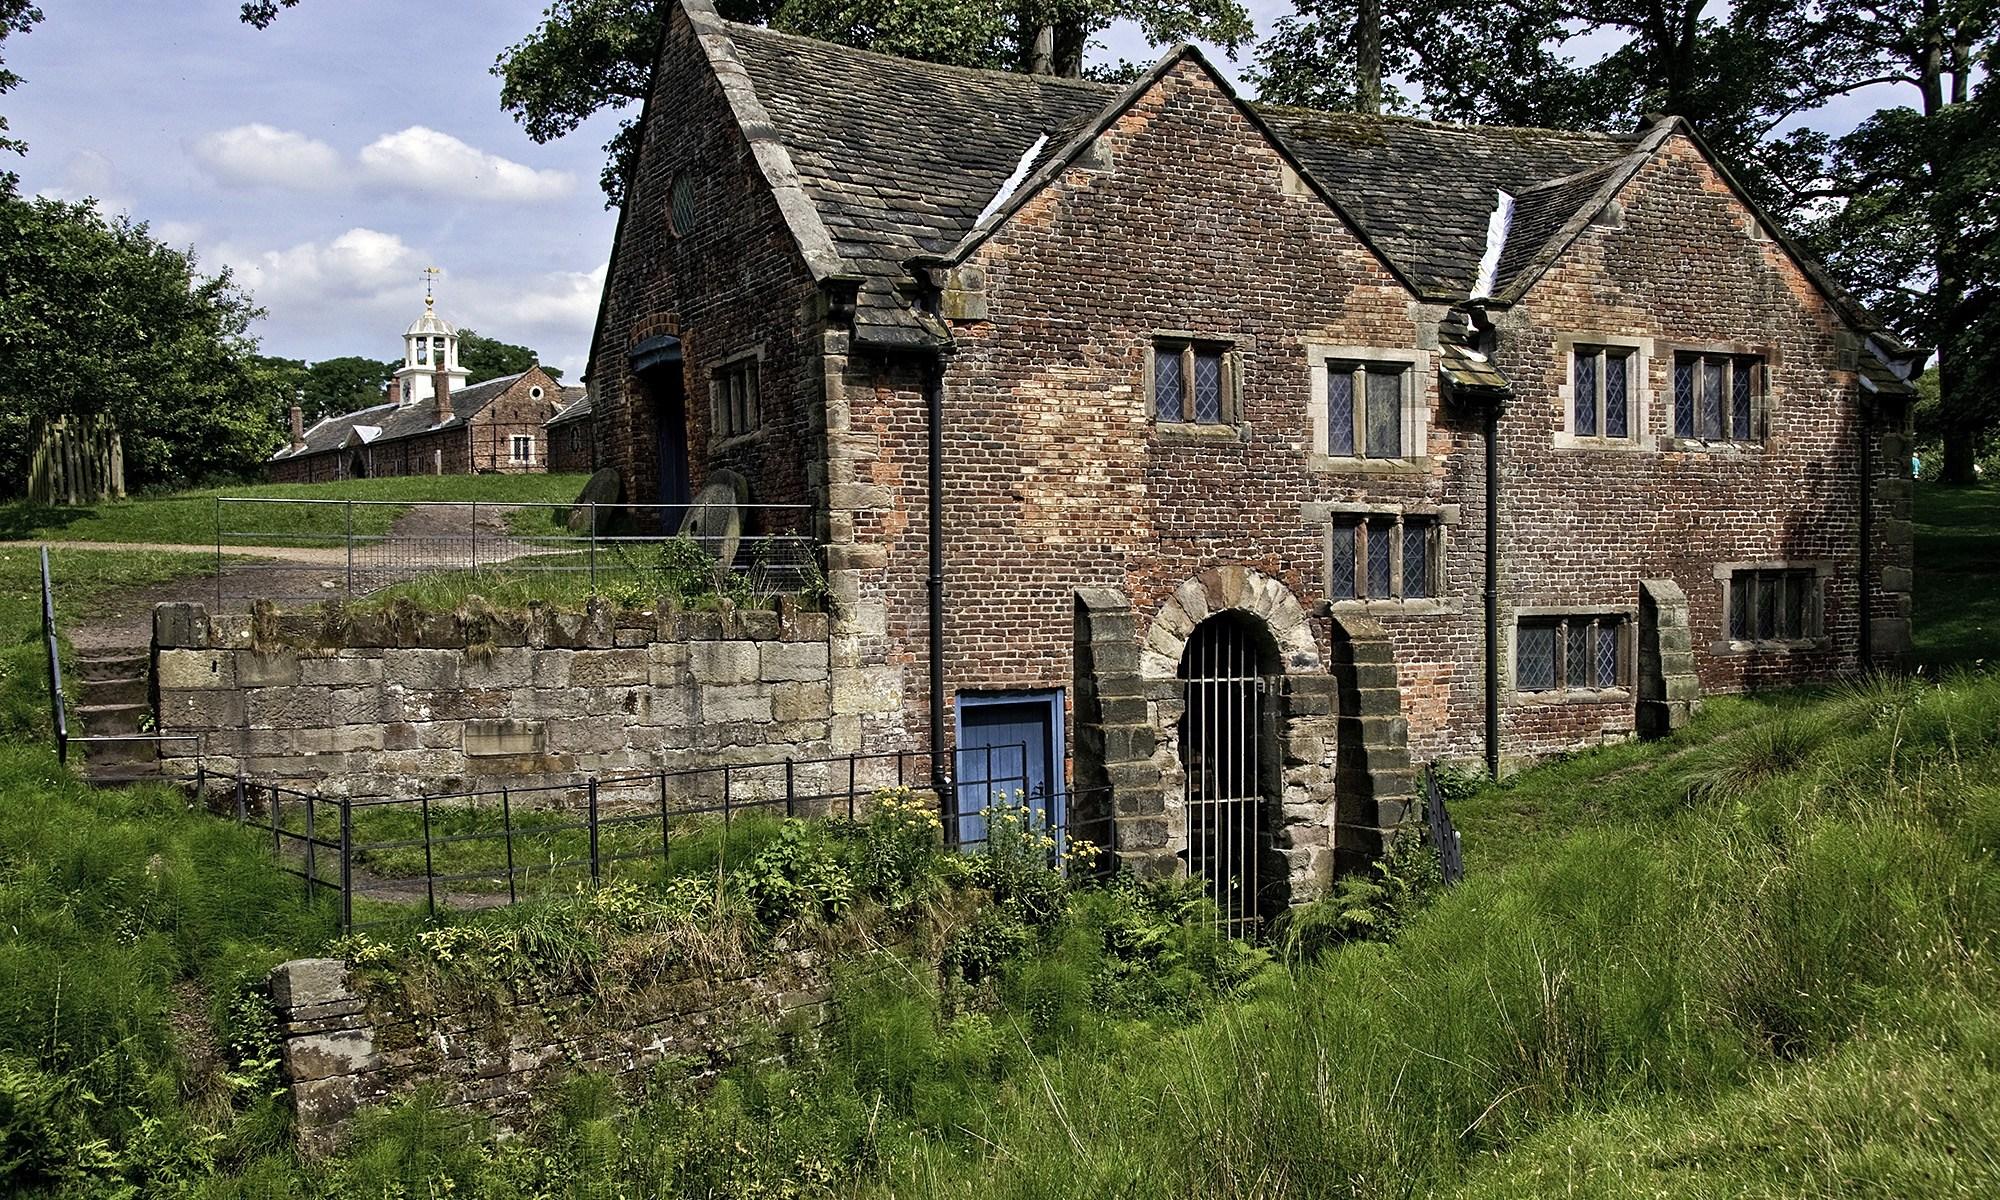 Dunham Massey Mill